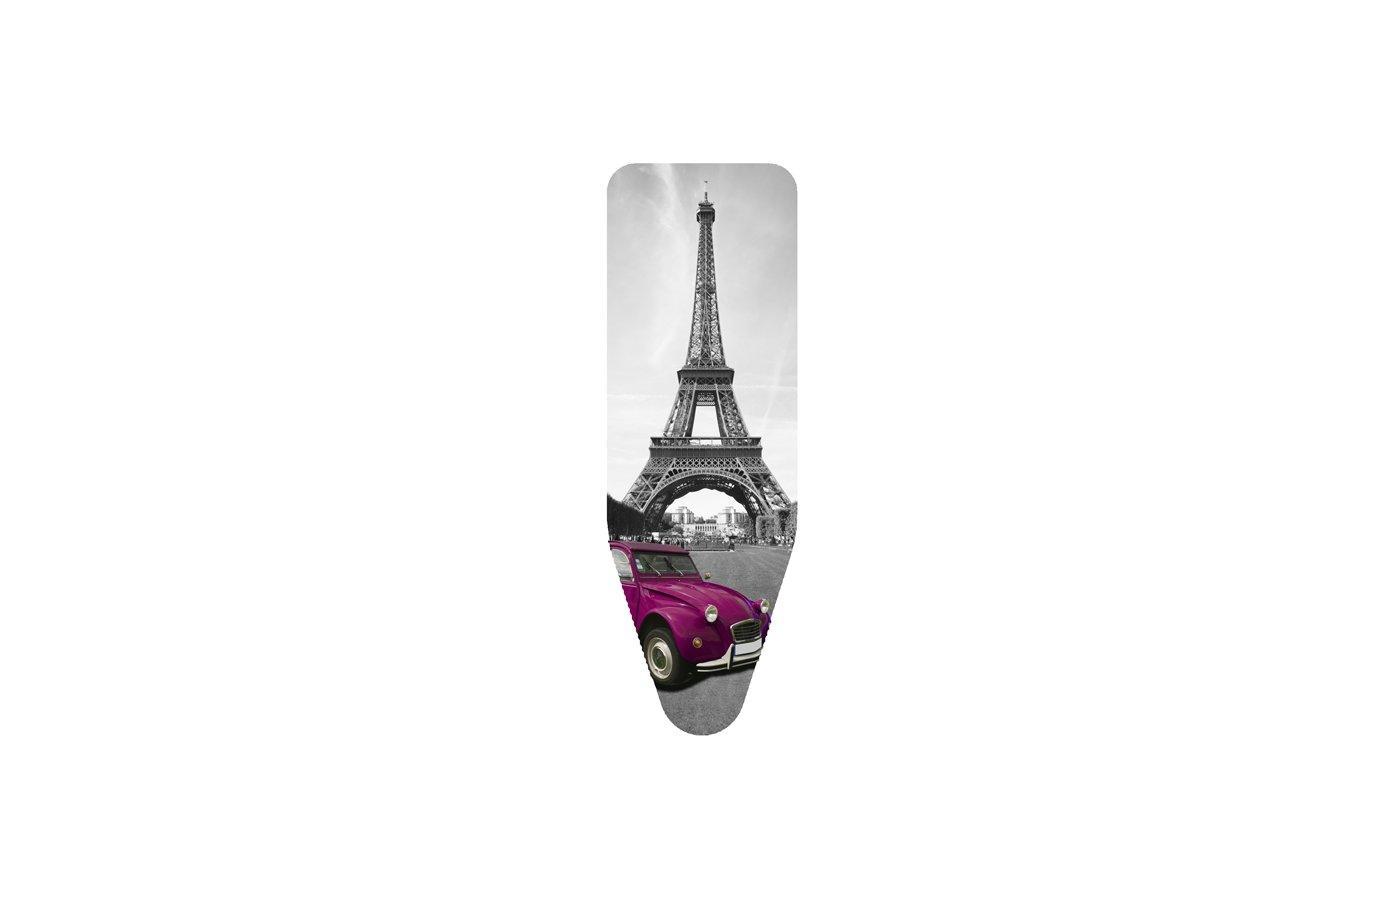 Чехлы и принадлежности для глажки Colombo Чехол д/гл.доски Paris 140х55см из хлопка